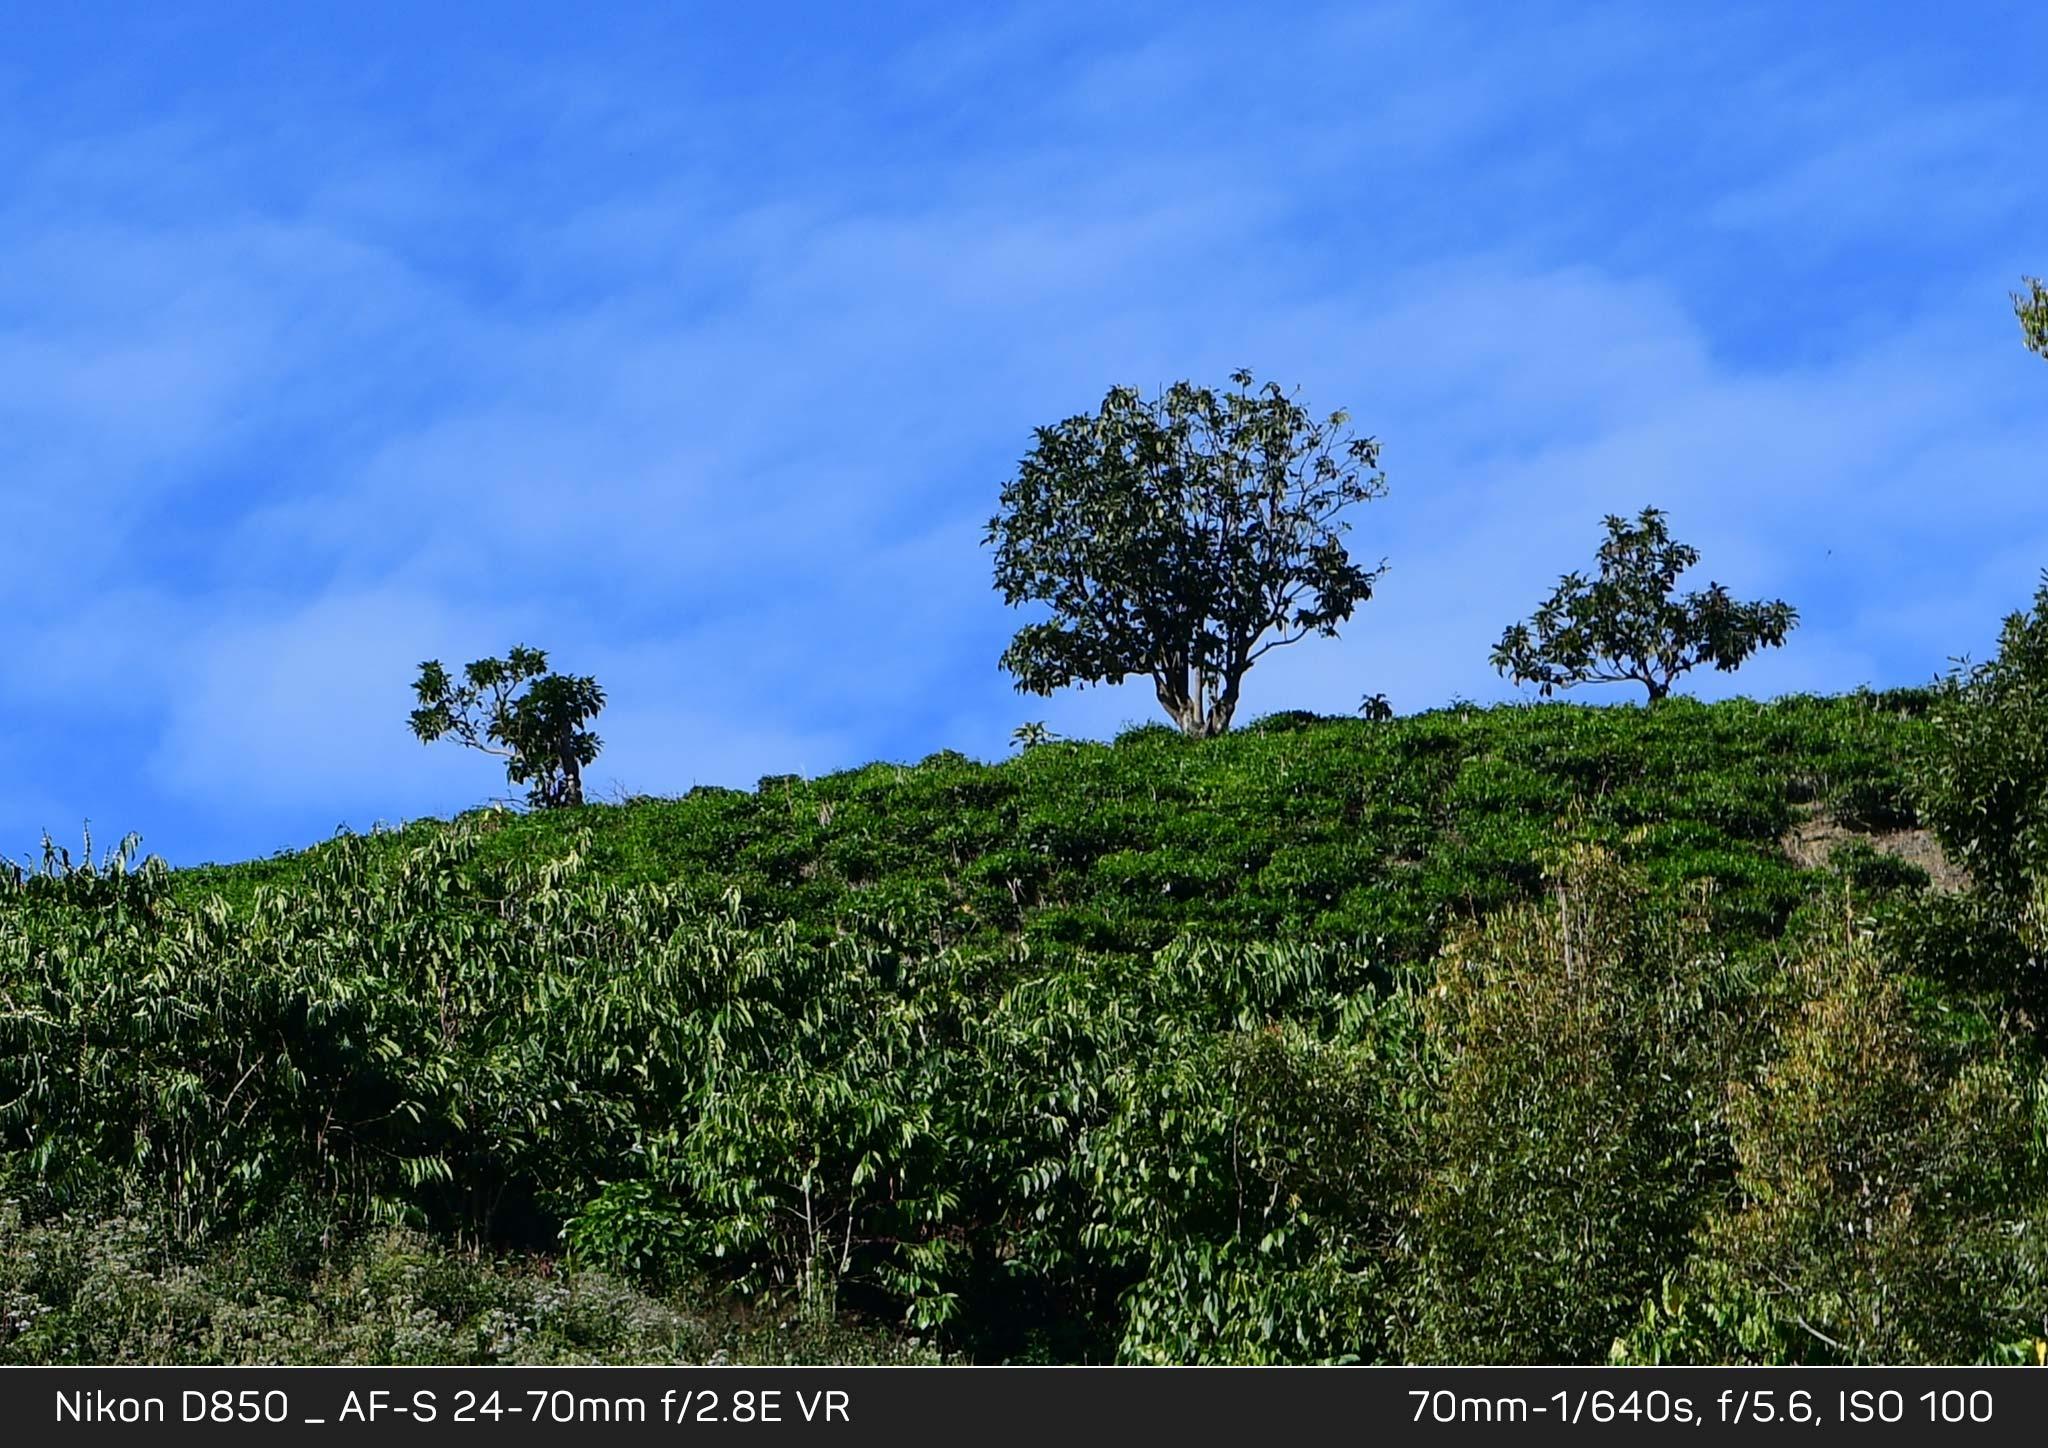 Đang tải Nikon-D850_chi-tiet_KH2_6360-Crop.jpg…